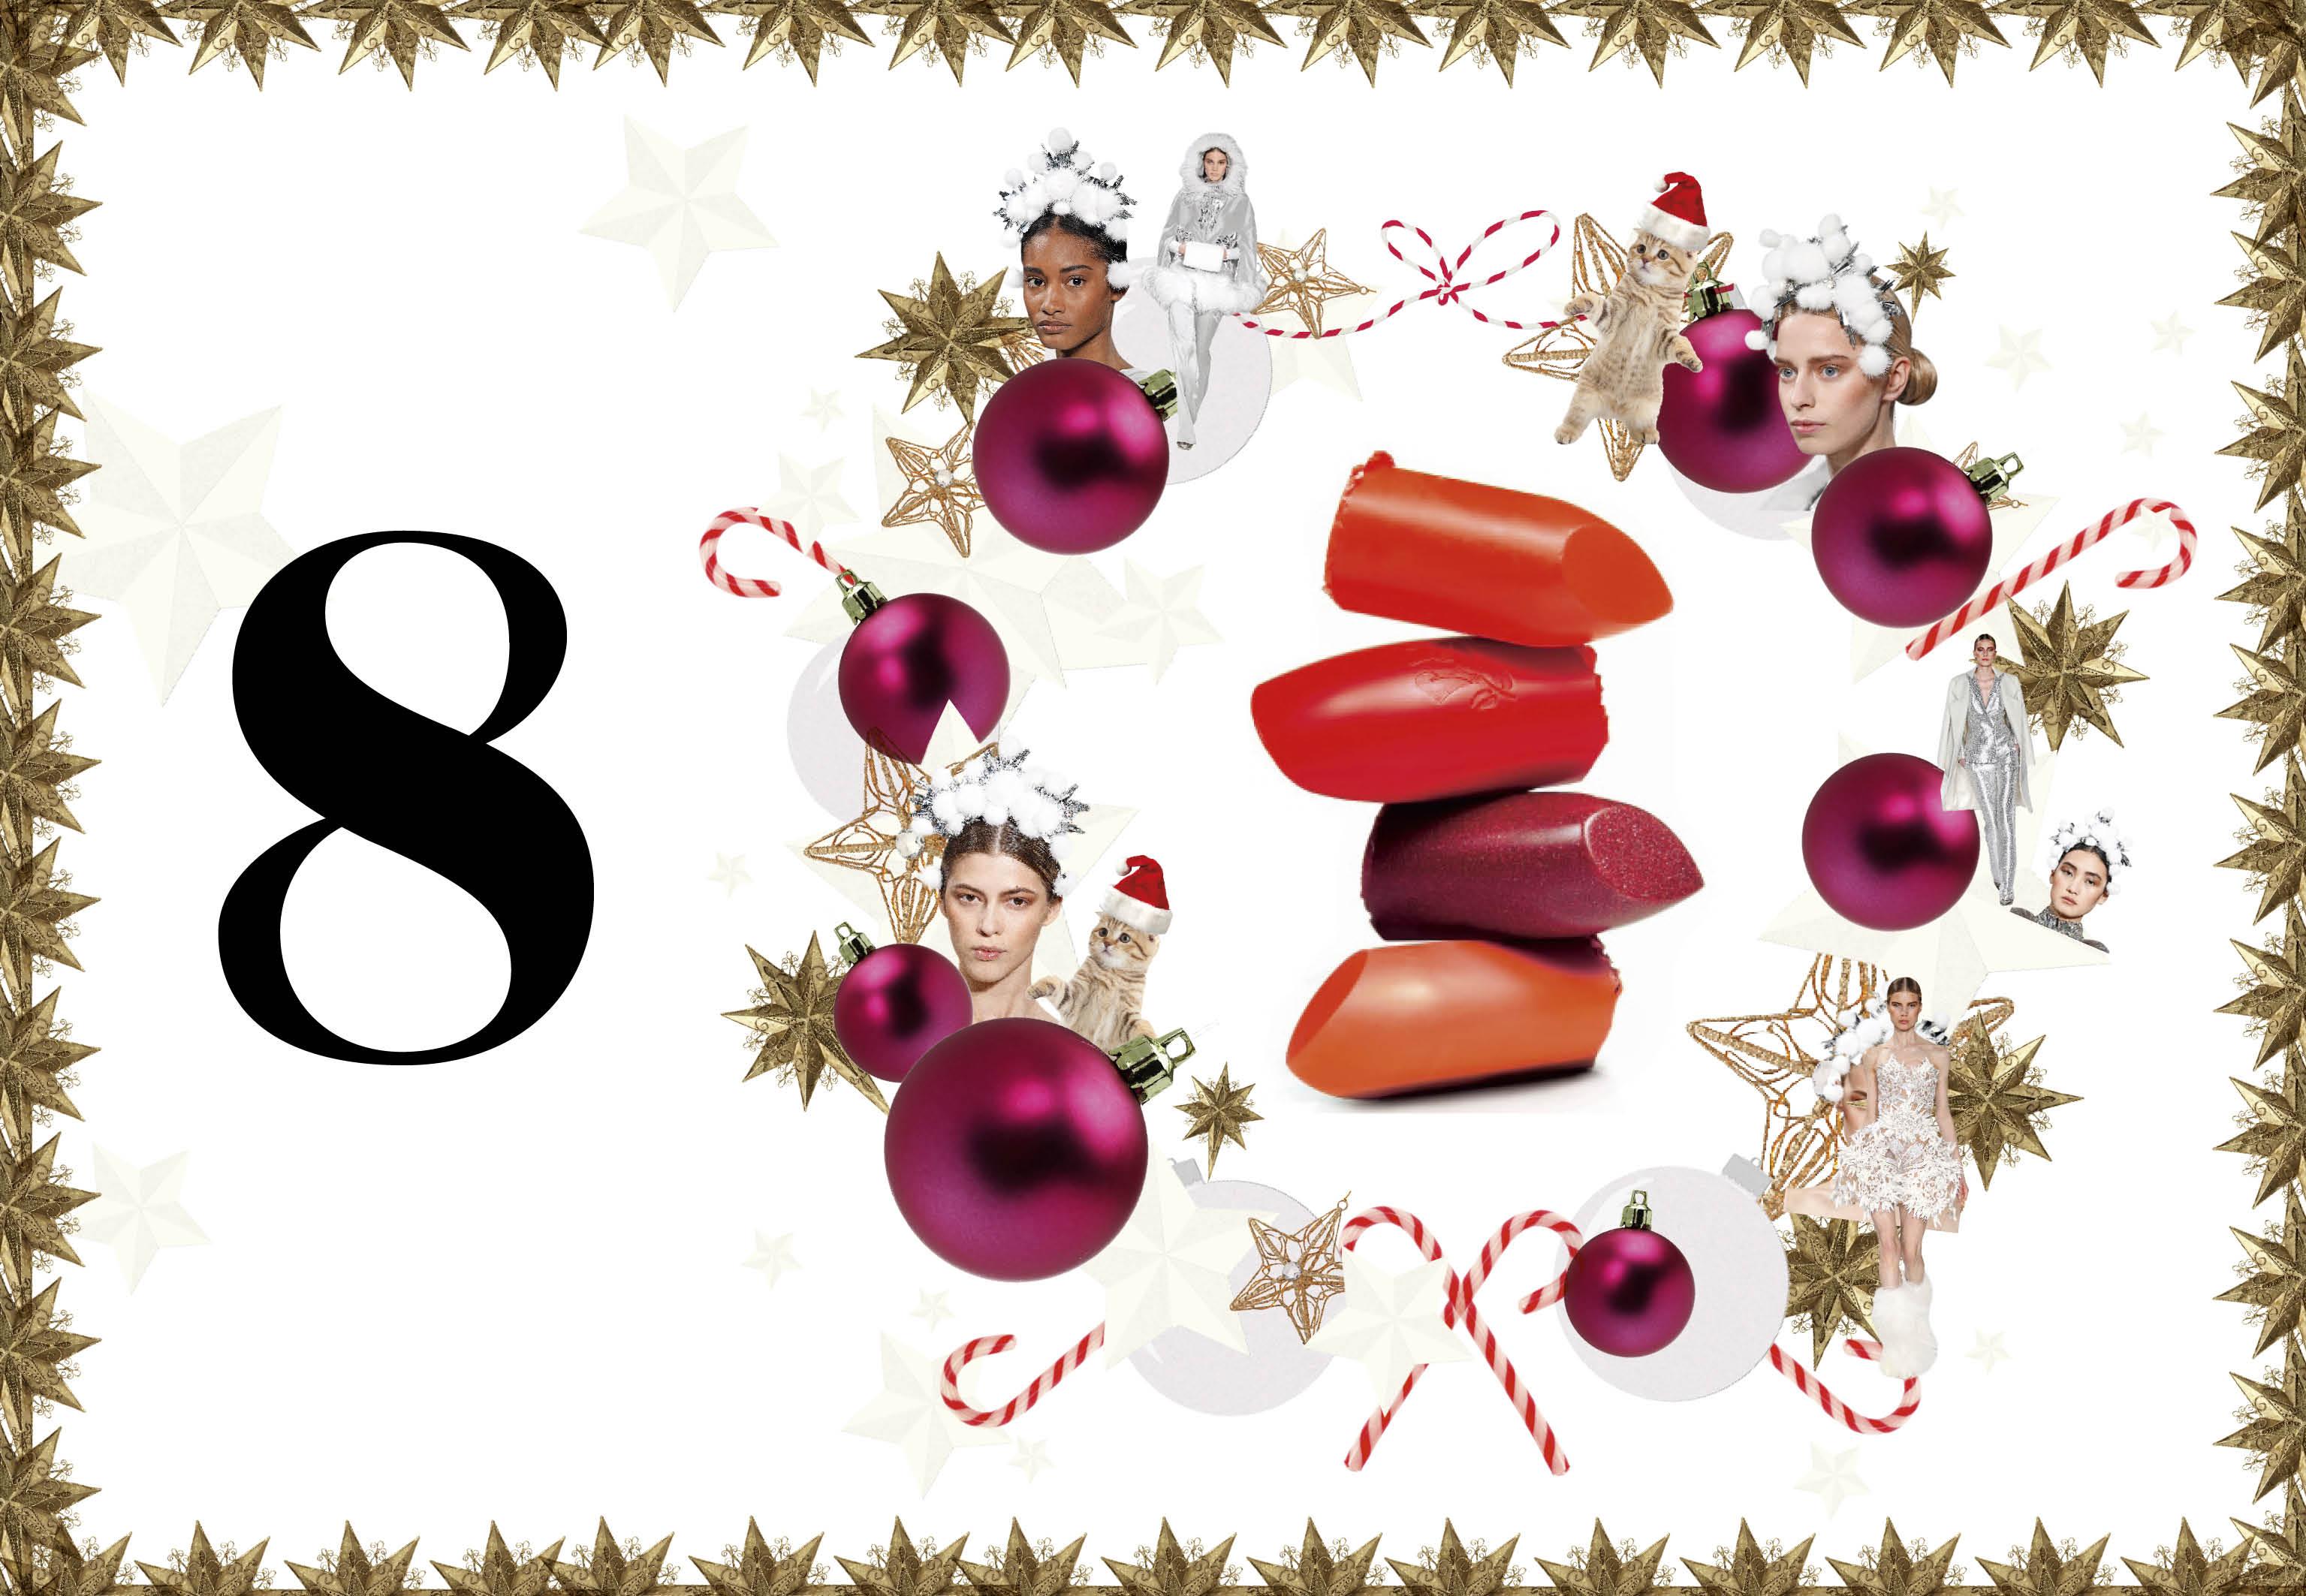 8_joulukalenteri_luukkut_loput.jpg